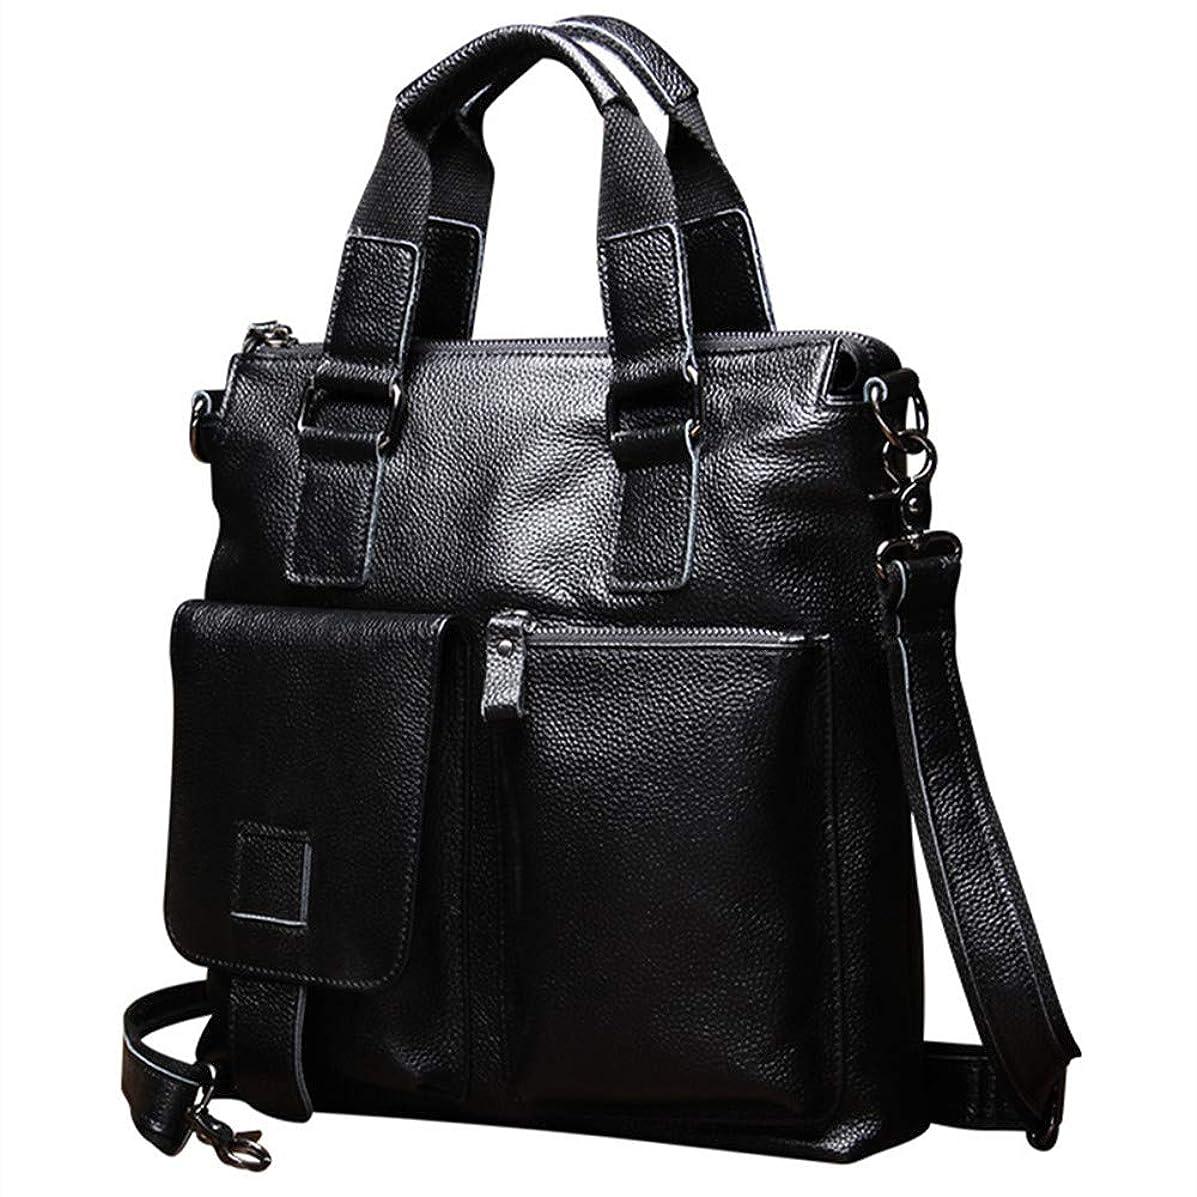 Laptop briefcase Men Leather Laptop Bag, Travel Briefcase Carry on Handle, Large Shoulder Bag, Waterproof Business Messenger Briefcases for Men Crossbody bag Fits 14 Inch Laptop, Tablet Brown Crossbod